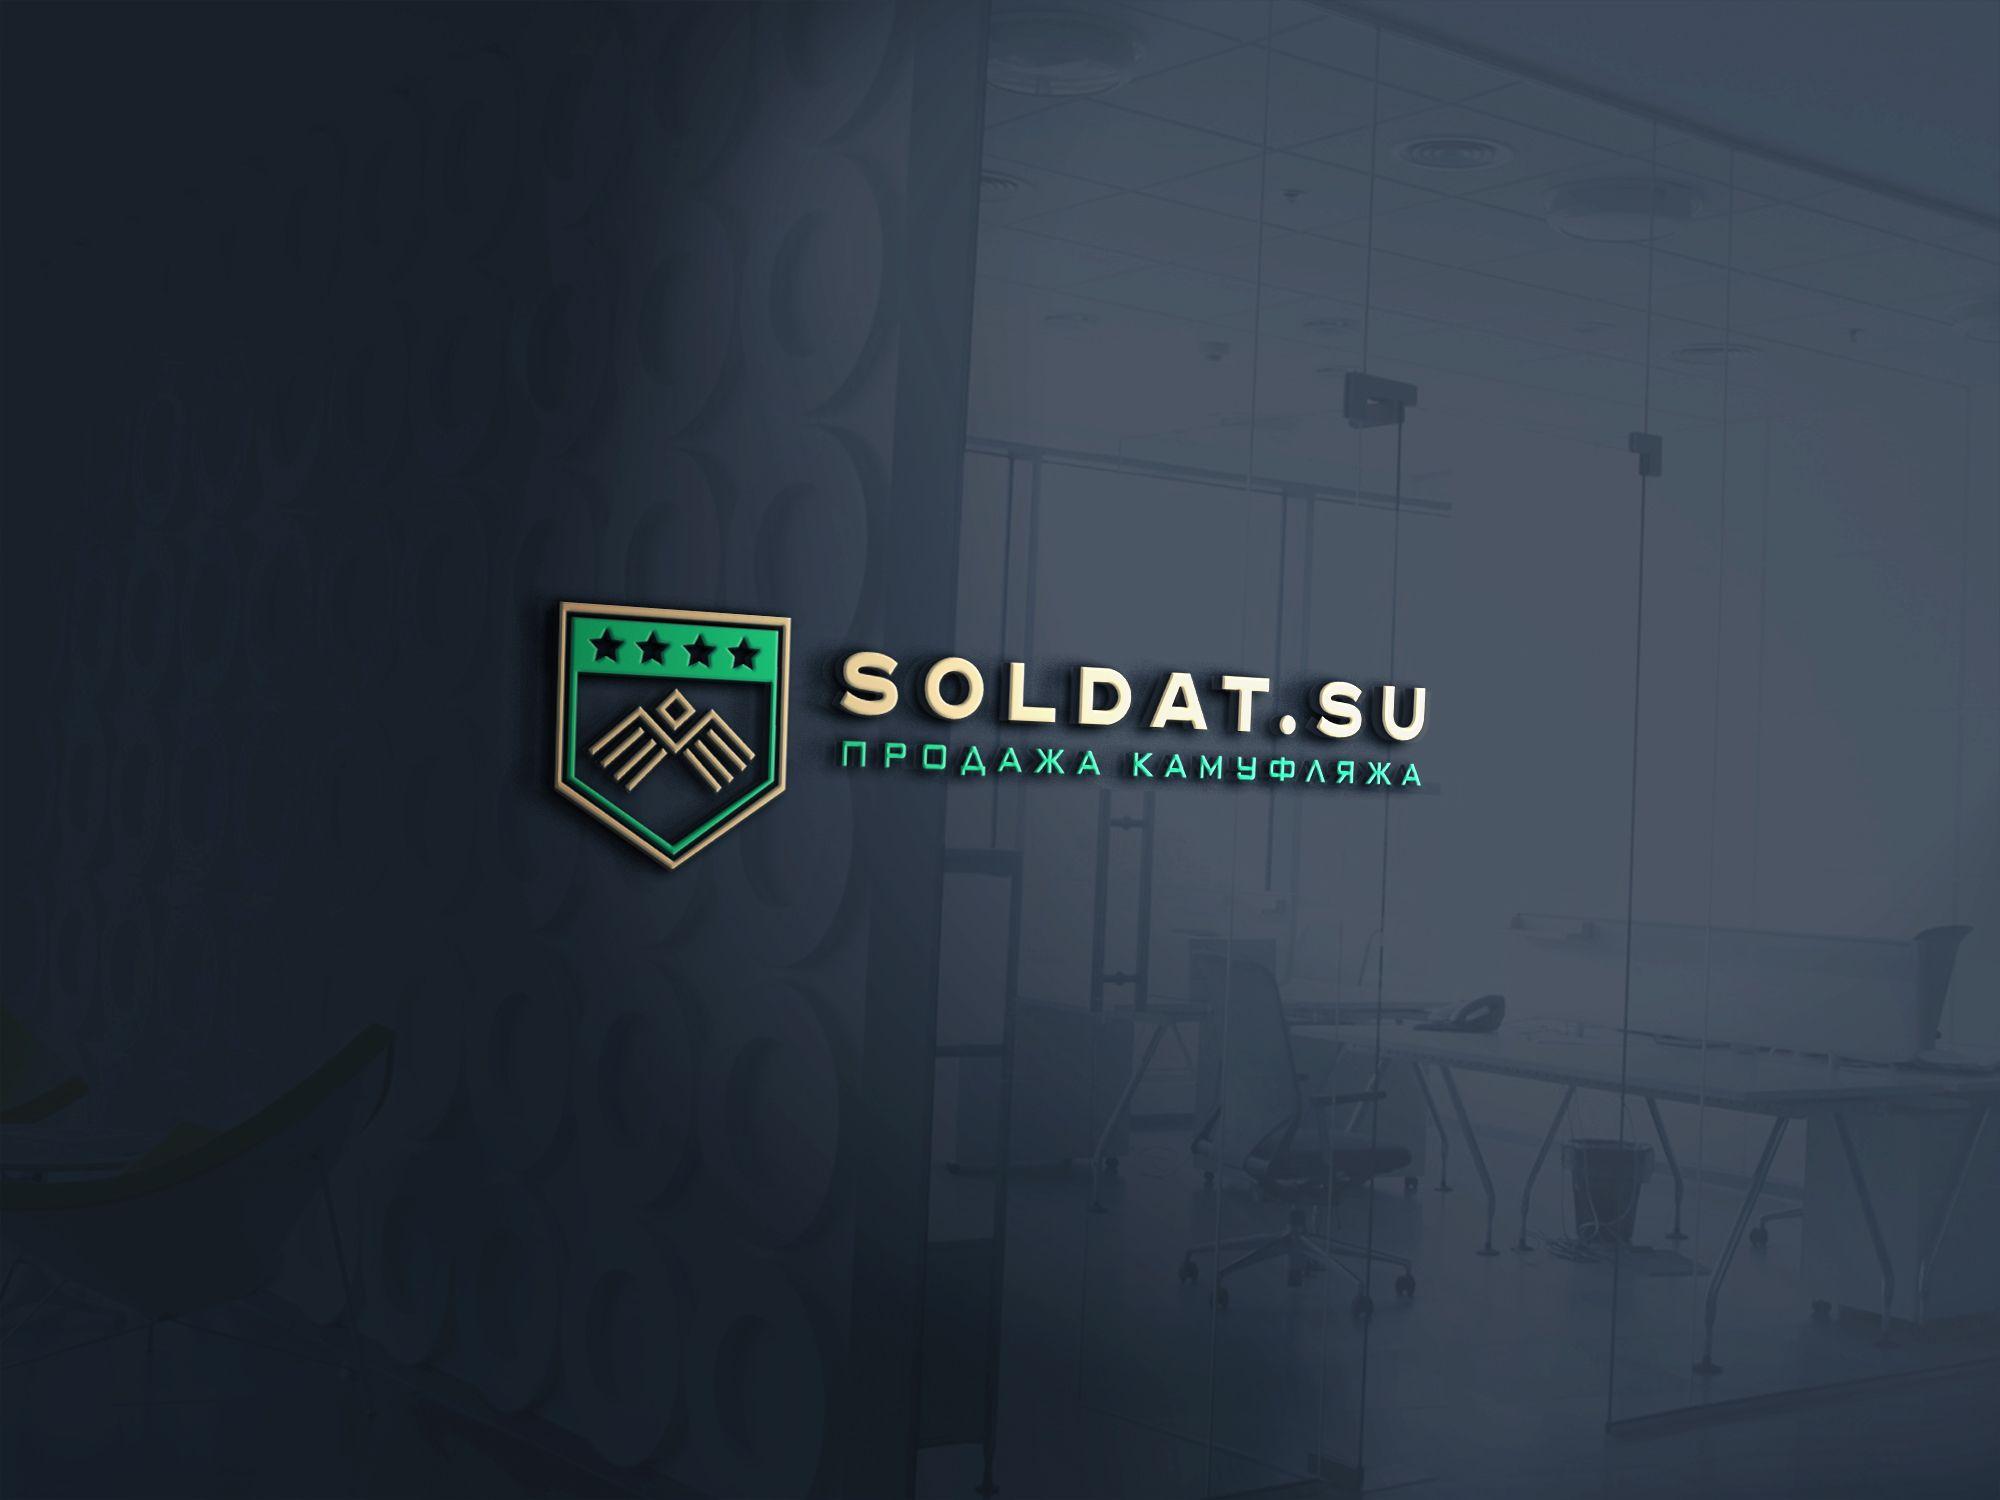 Лого и фирменный стиль для SOLDAT.SU - дизайнер SmolinDenis